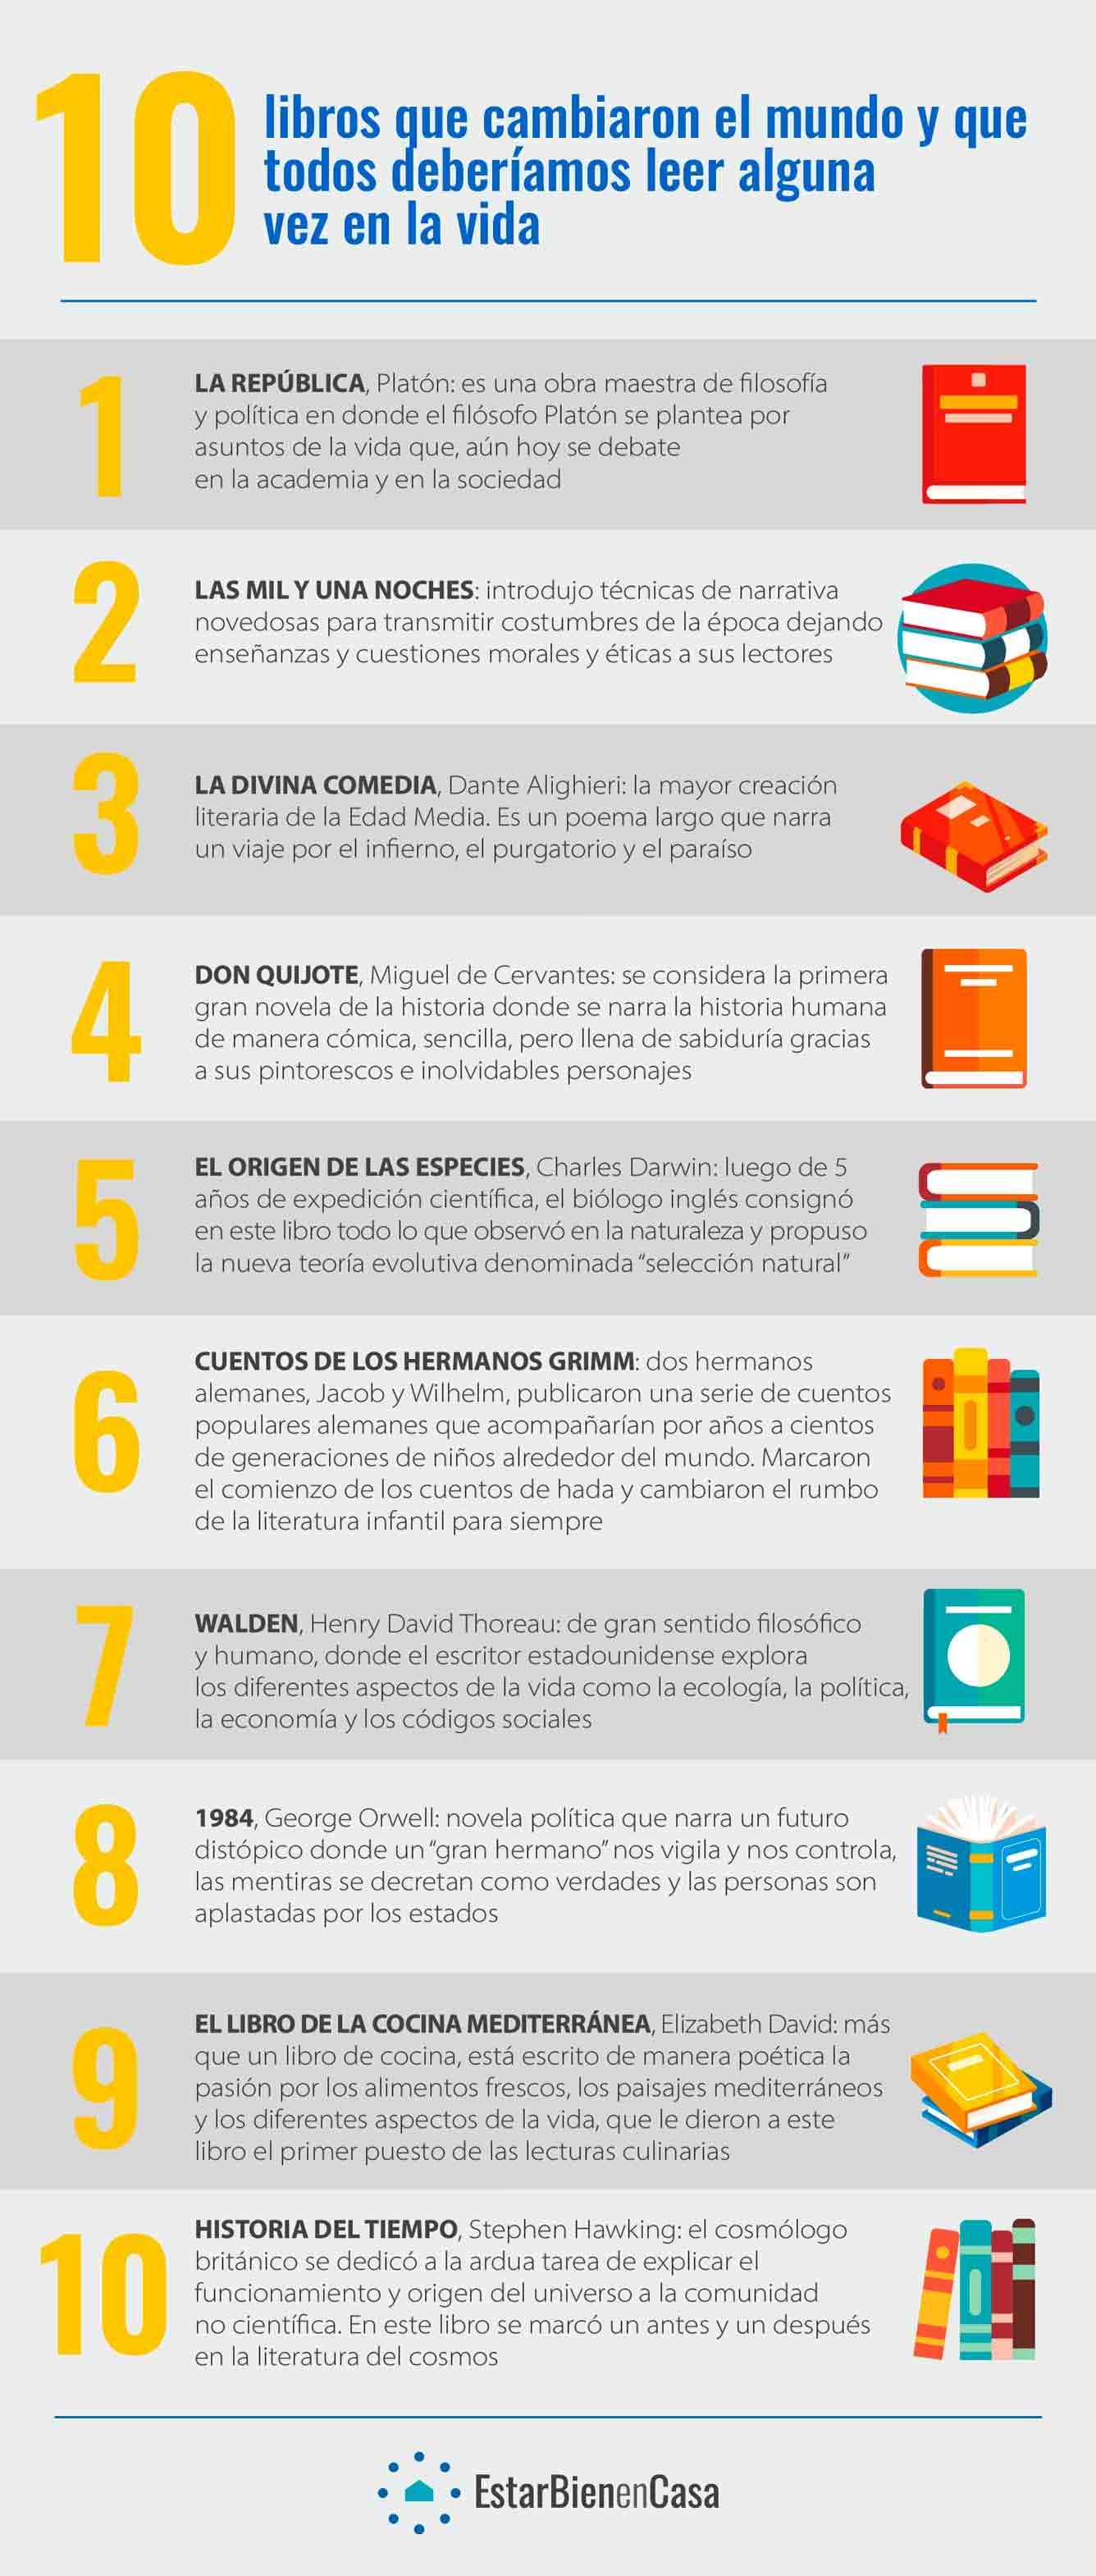 libros que cambiaron al mundo